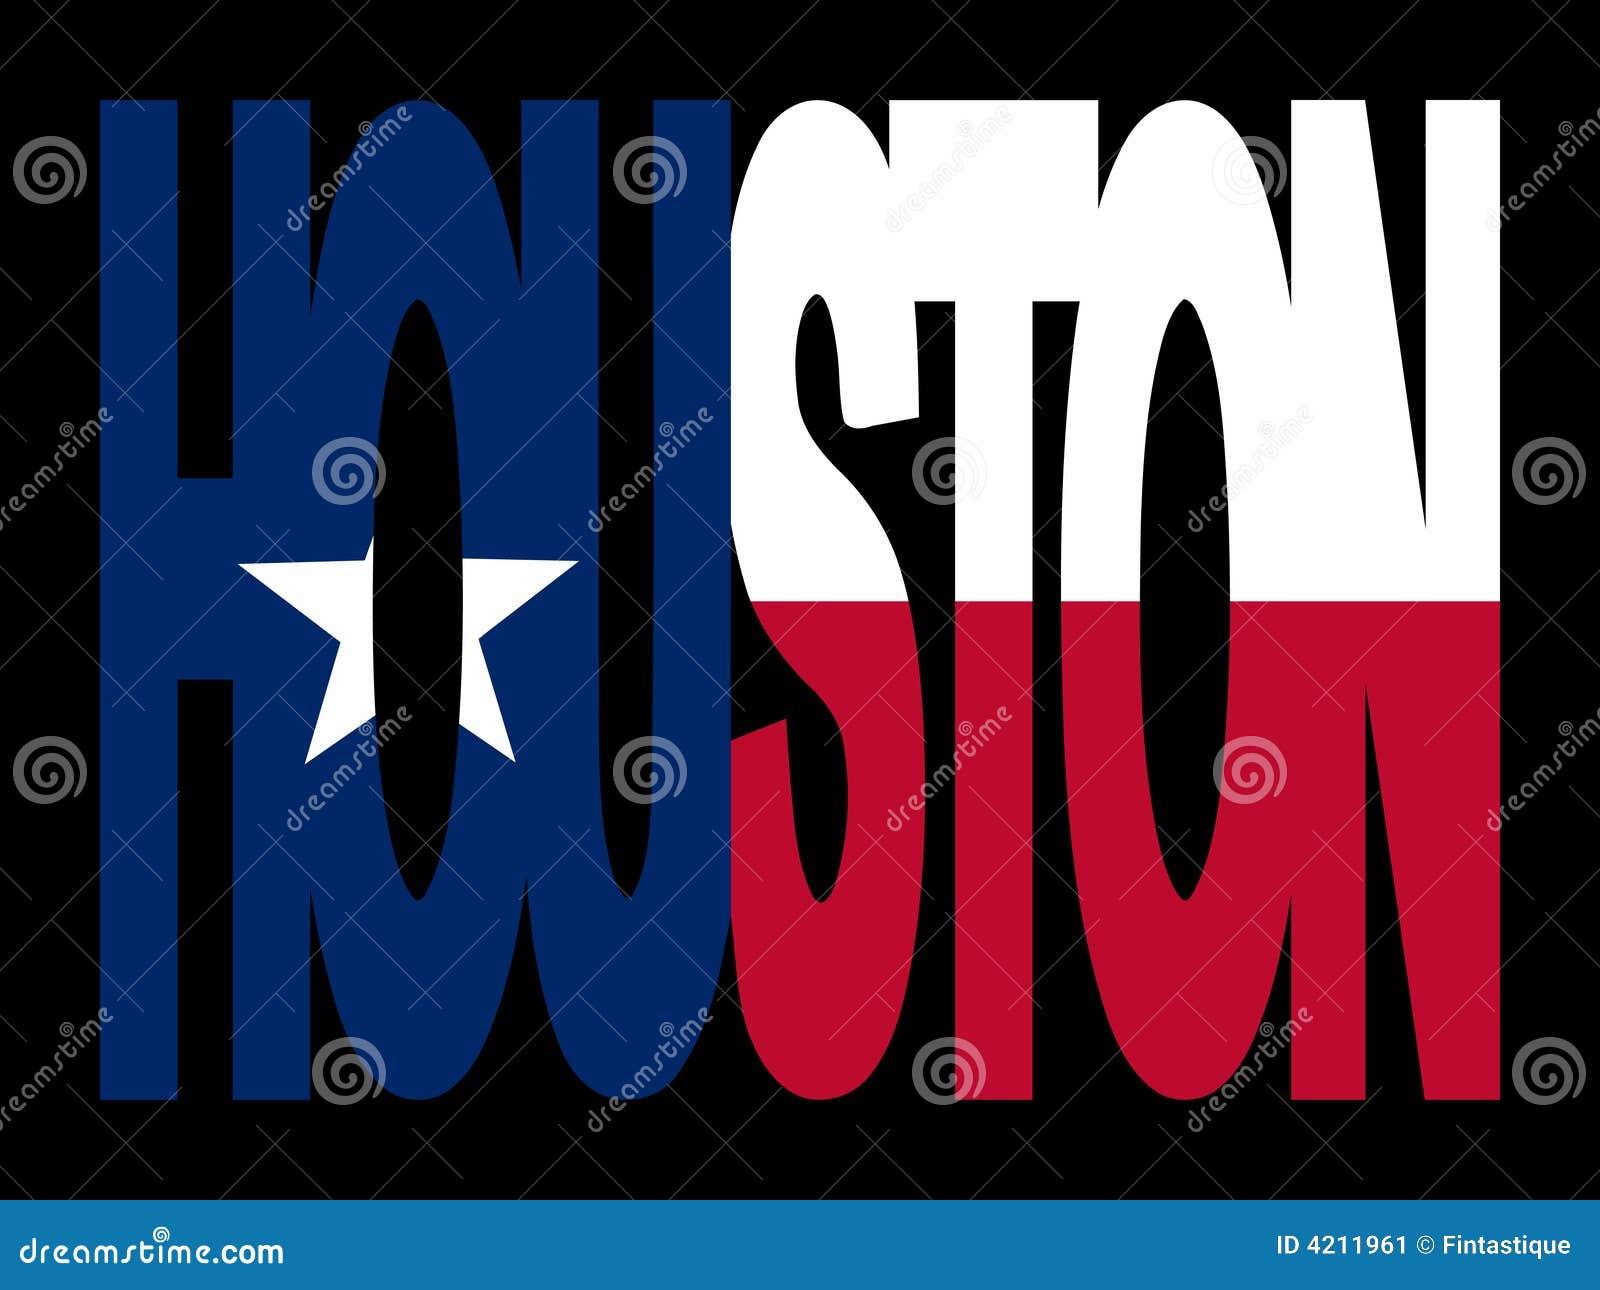 Houston mit Texanflagge